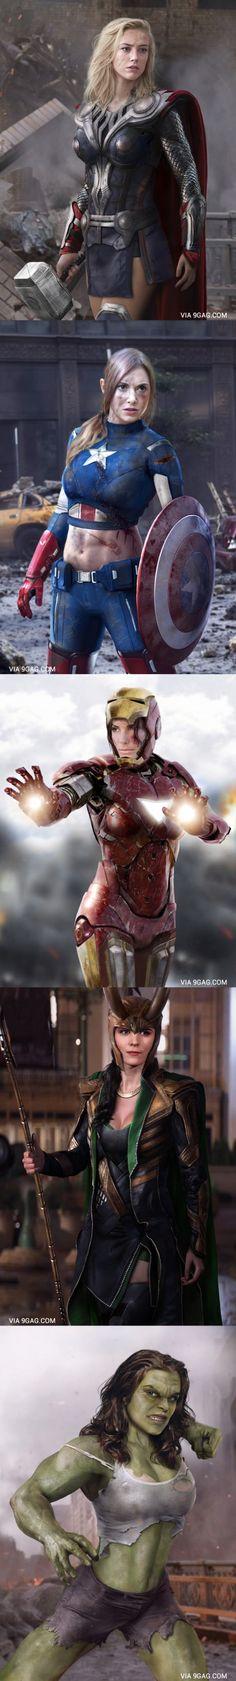 Si las mujeres fueran héroes y villanos cual seria la mejor para mi seria loki